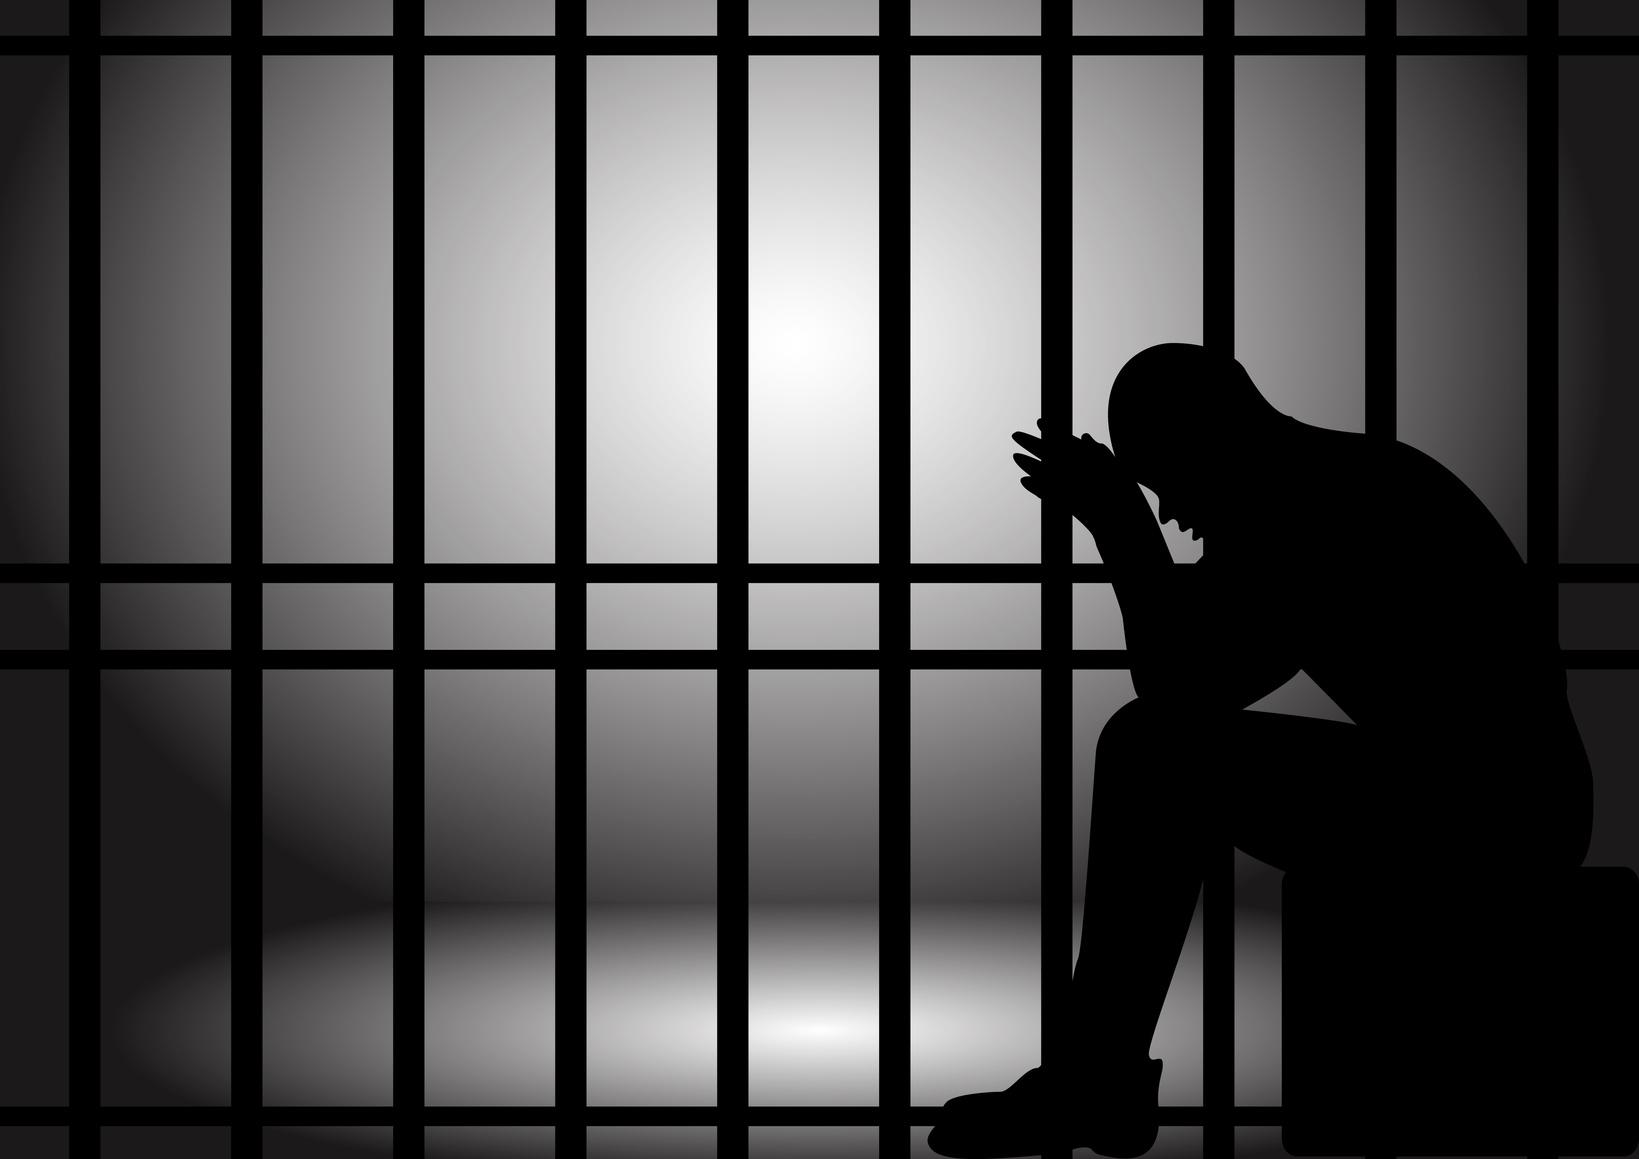 L'incarcération comme sanction d'une infraction